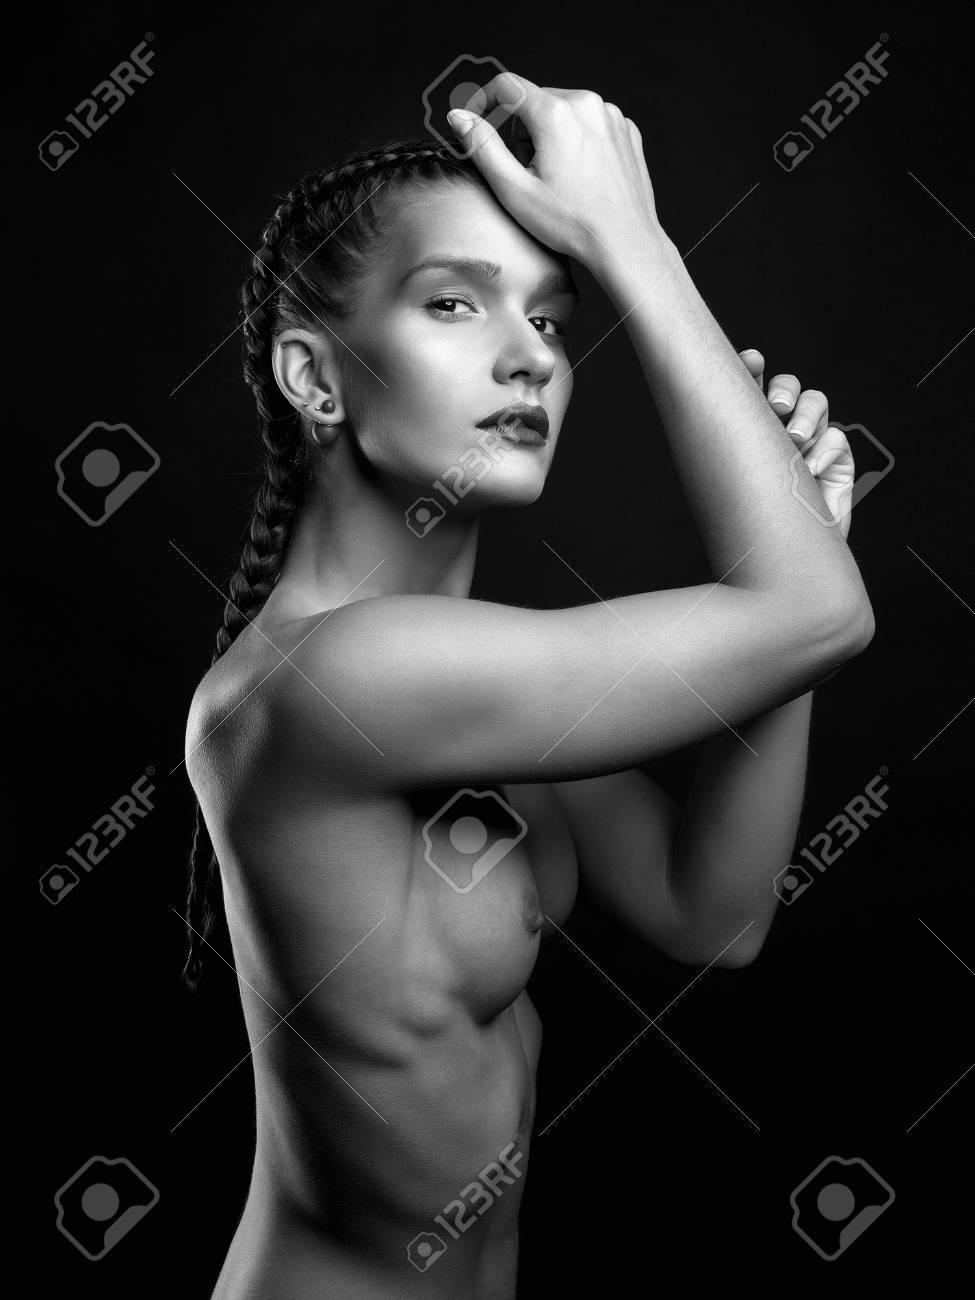 Frauen muskeln nackt